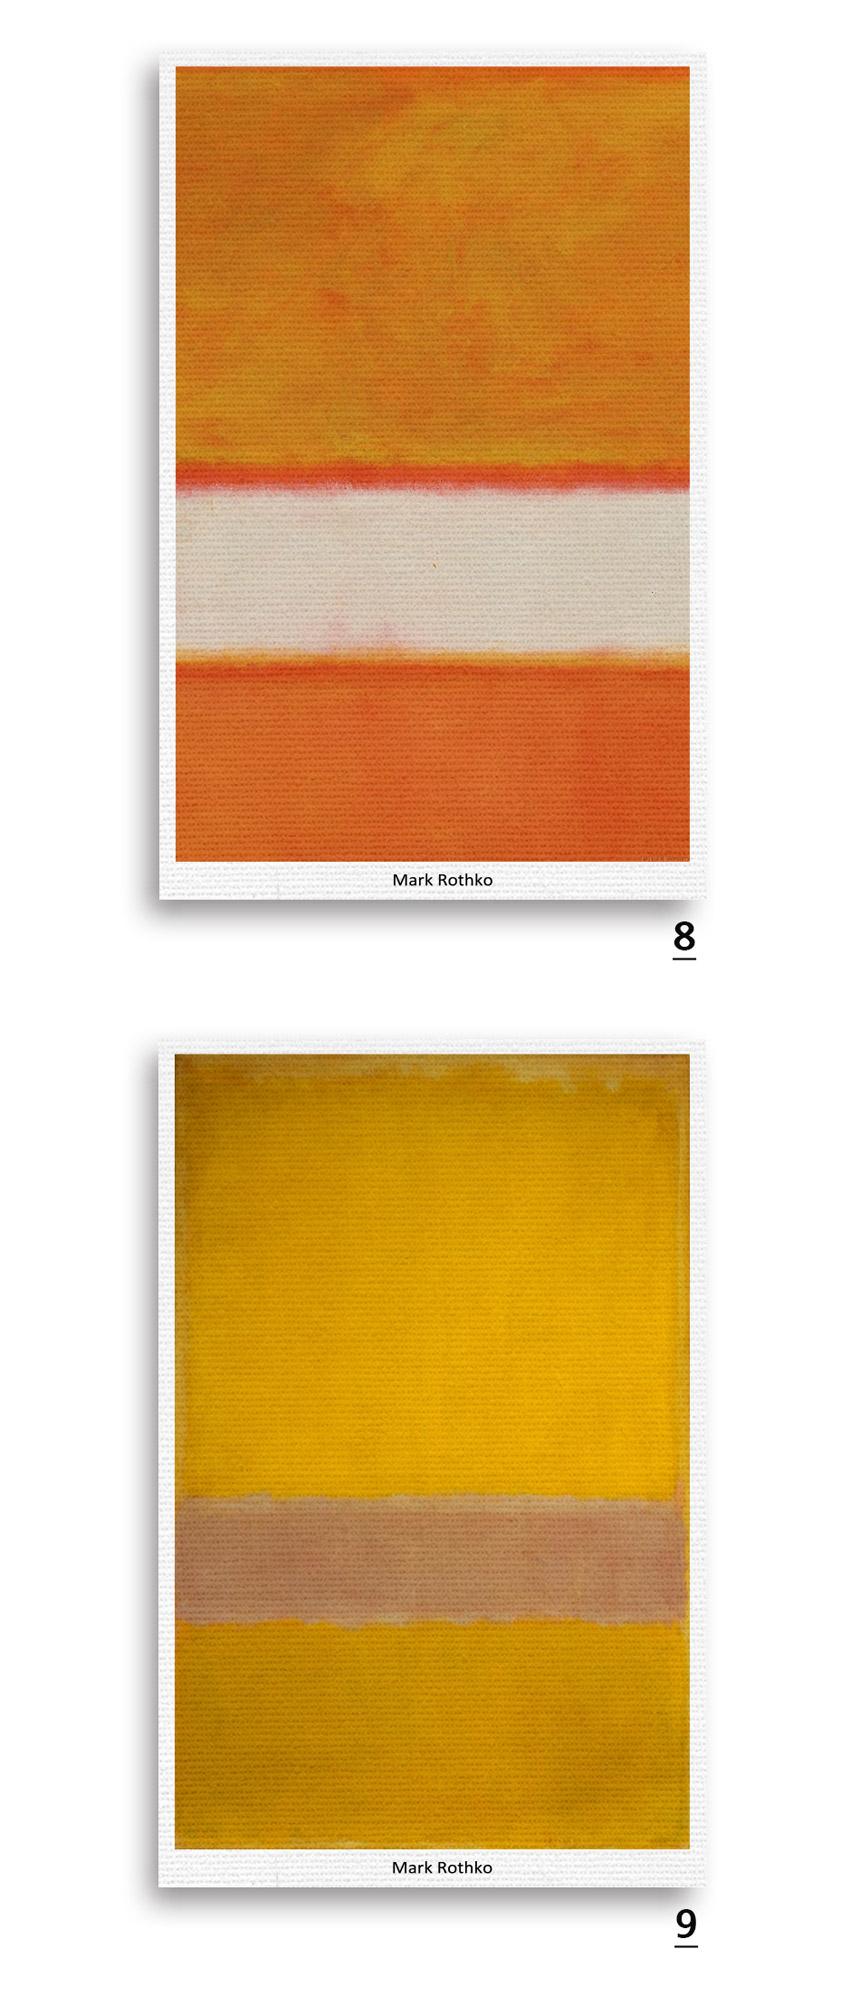 바인 마크로스코 인테리어액자 35x55 15종 - 샤이닝홈, 34,900원, 액자, 벽걸이액자